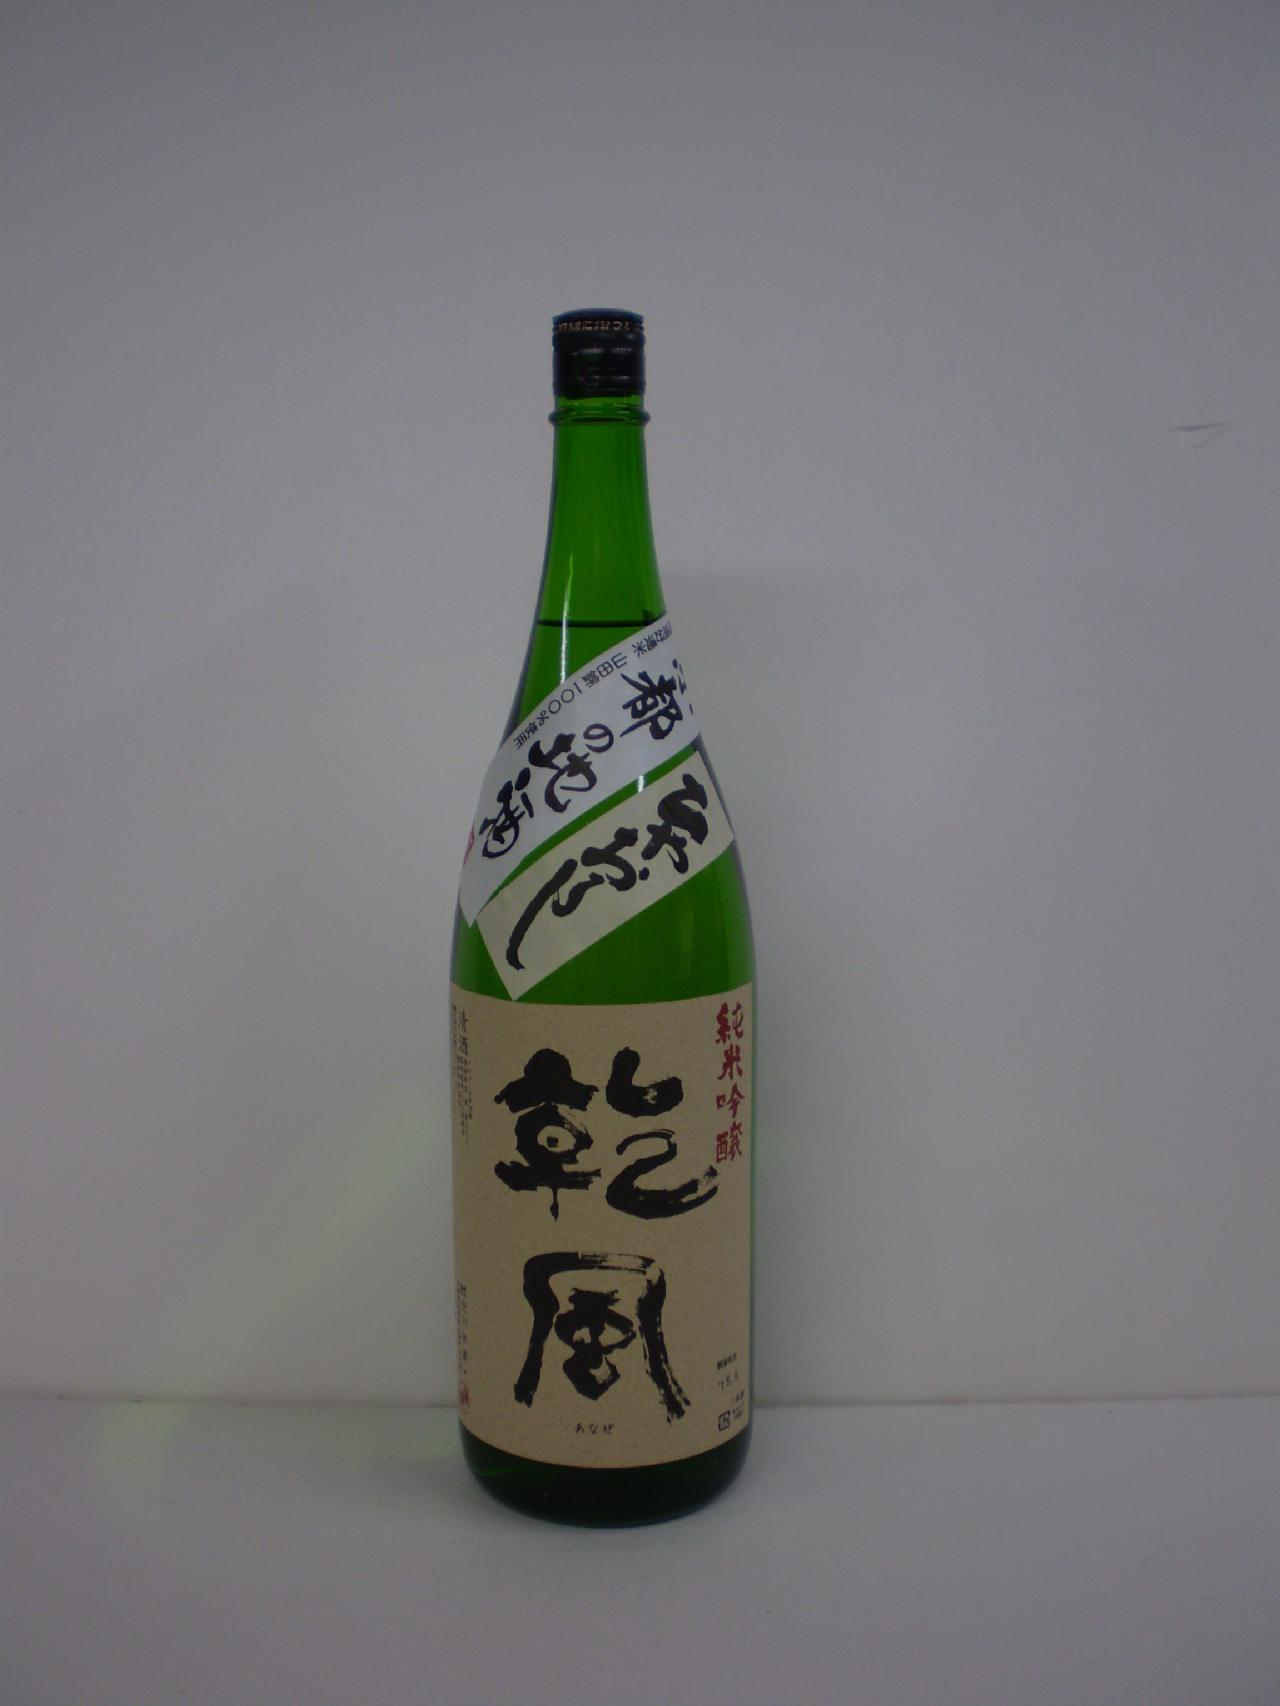 乾風 純米吟醸ひやおろし 1800ml 北川本家